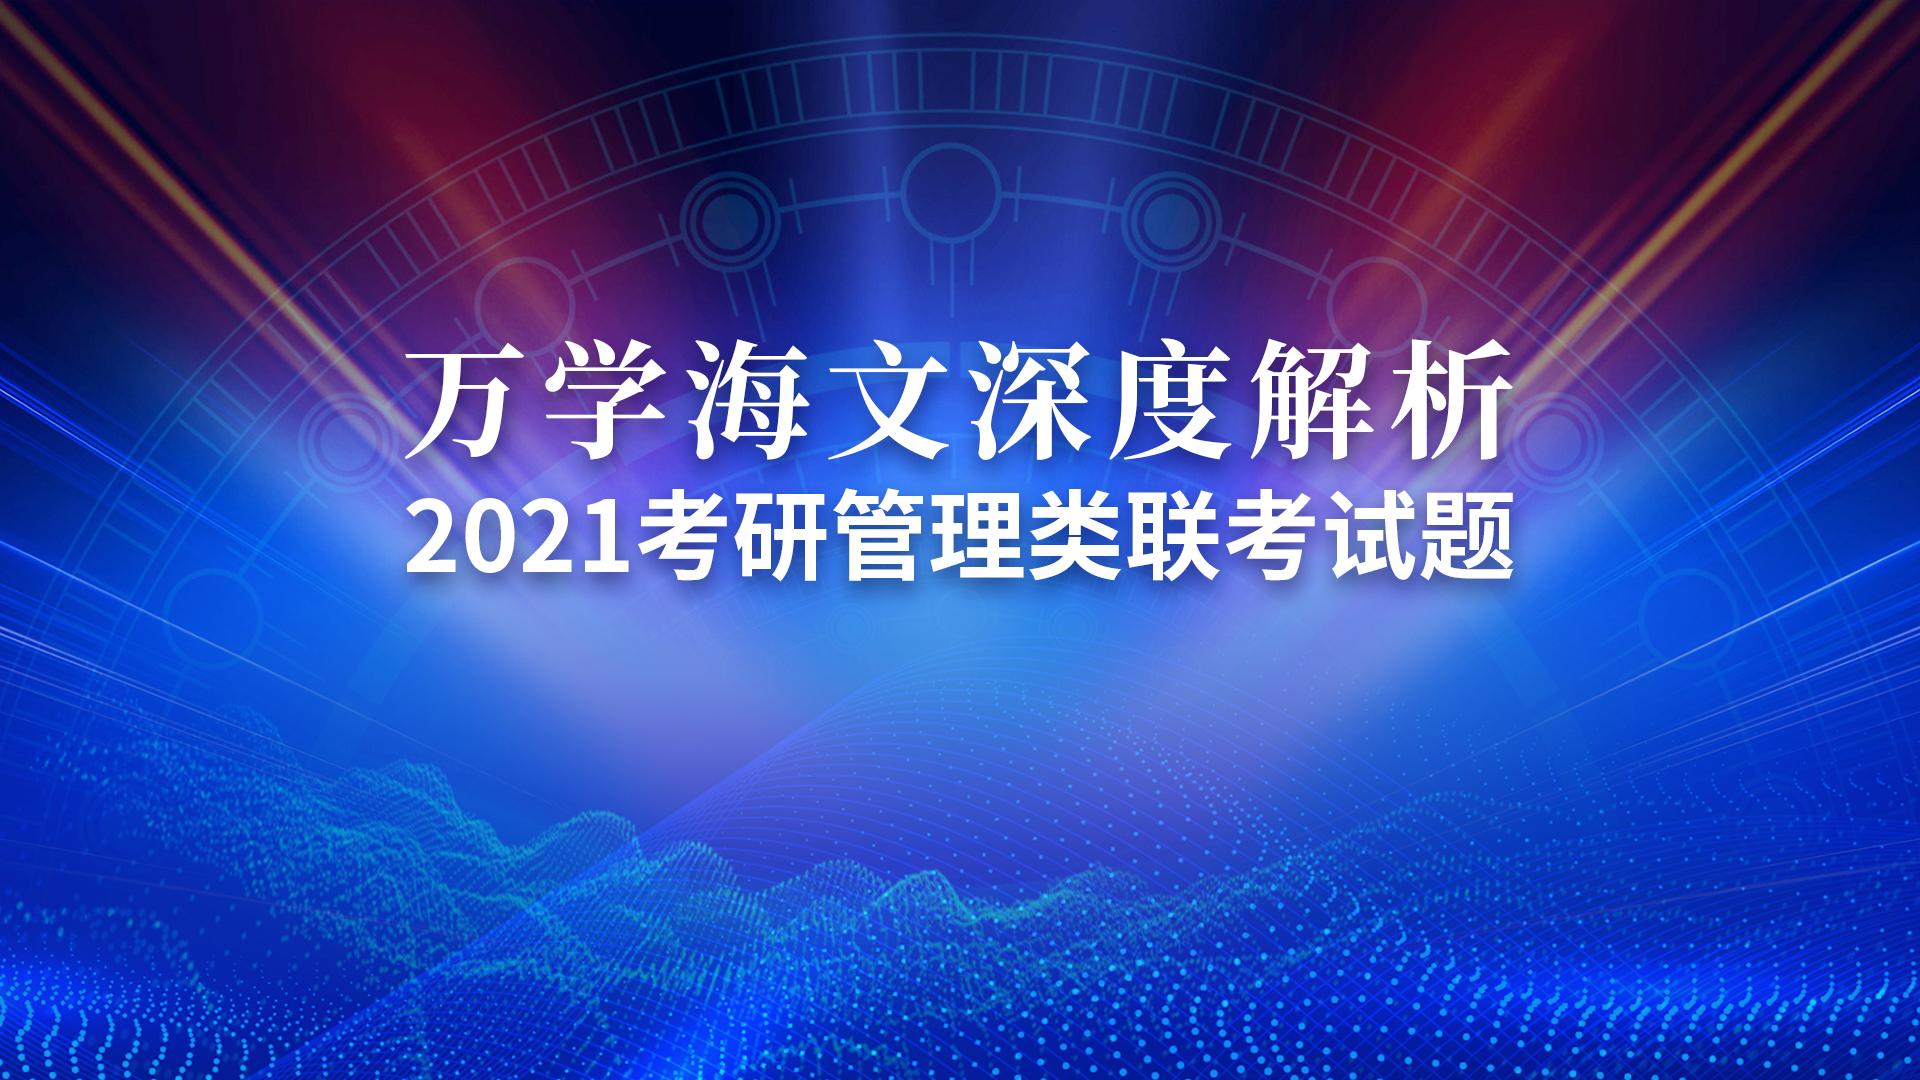 万学海文老师李雪楠李柱做客中国教育在线深度解析2021考研199管理类试题